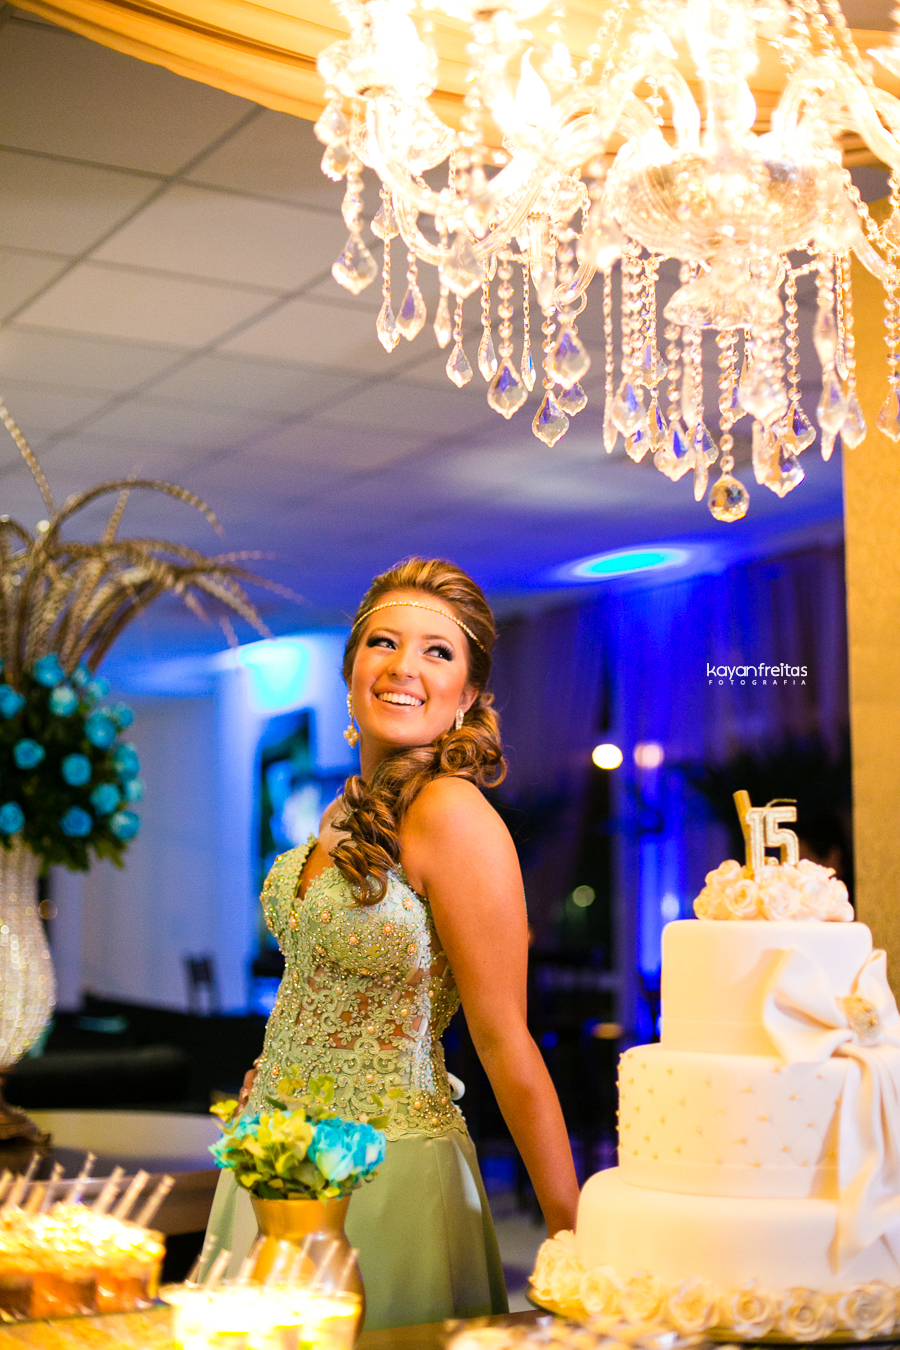 15-anos-ACE-anajulia-0042 Ana Júlia Speck - Aniversário de 15 anos - ACE Florianópolis